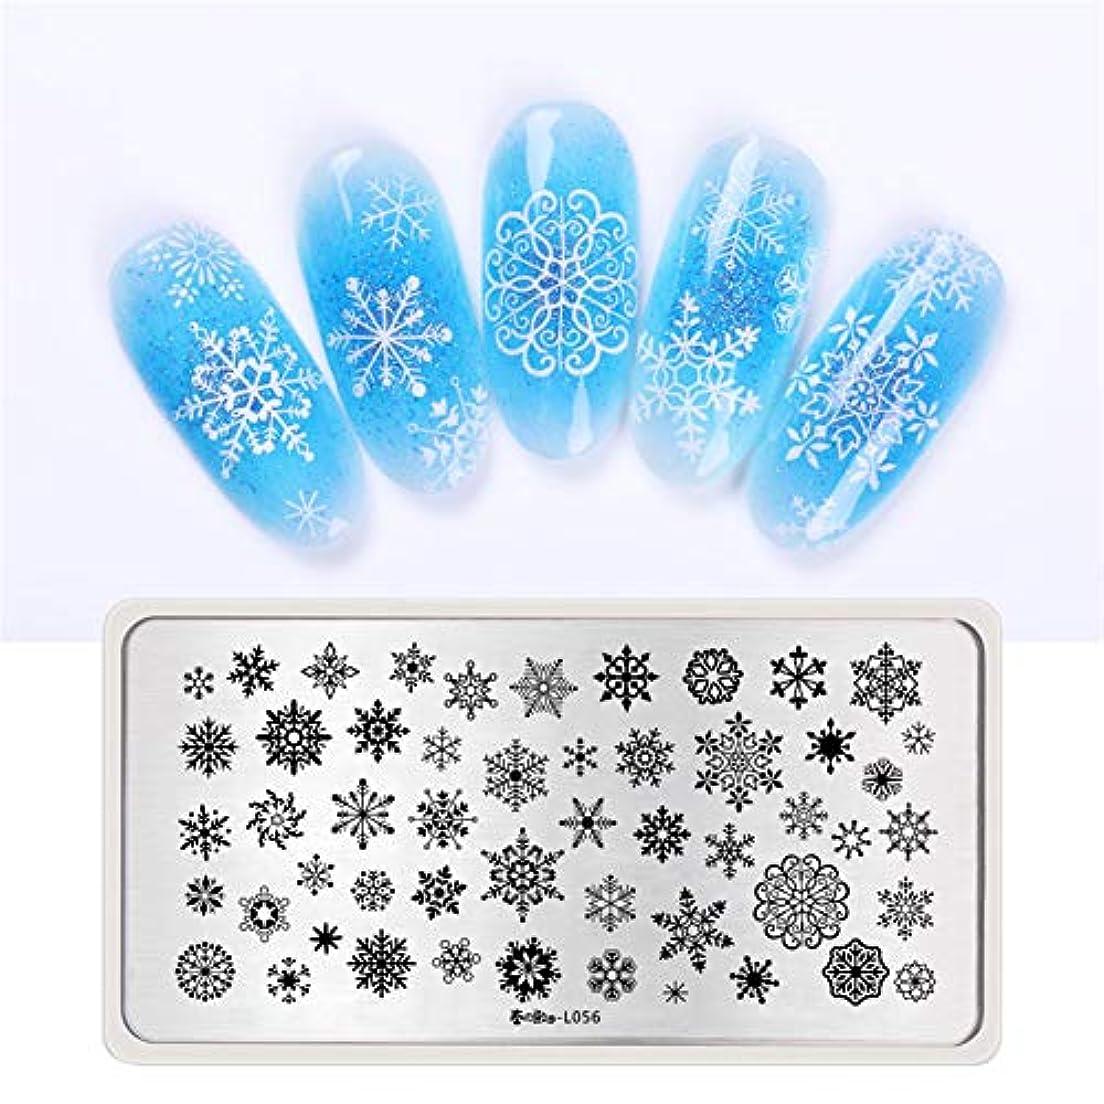 道多様な狭い春の歌 スタンププレート クリスマス 雪だるま 雪花 冬ネイル スタンプネイルプレートスタンピングプレートネイル用品